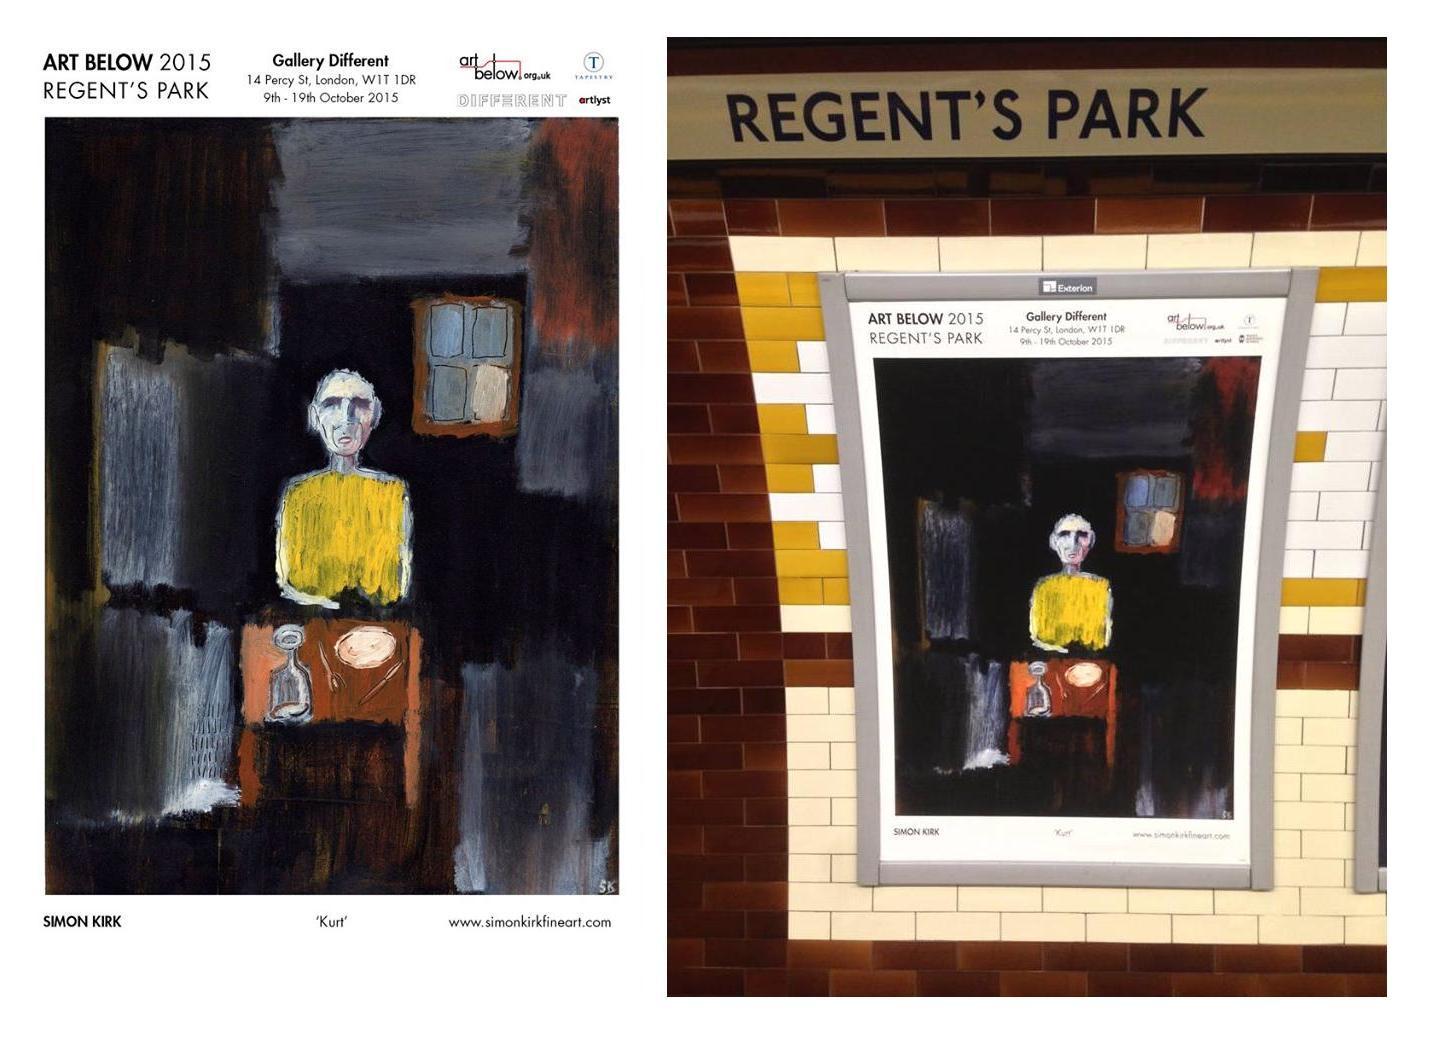 Art Below Regent's Park 2015